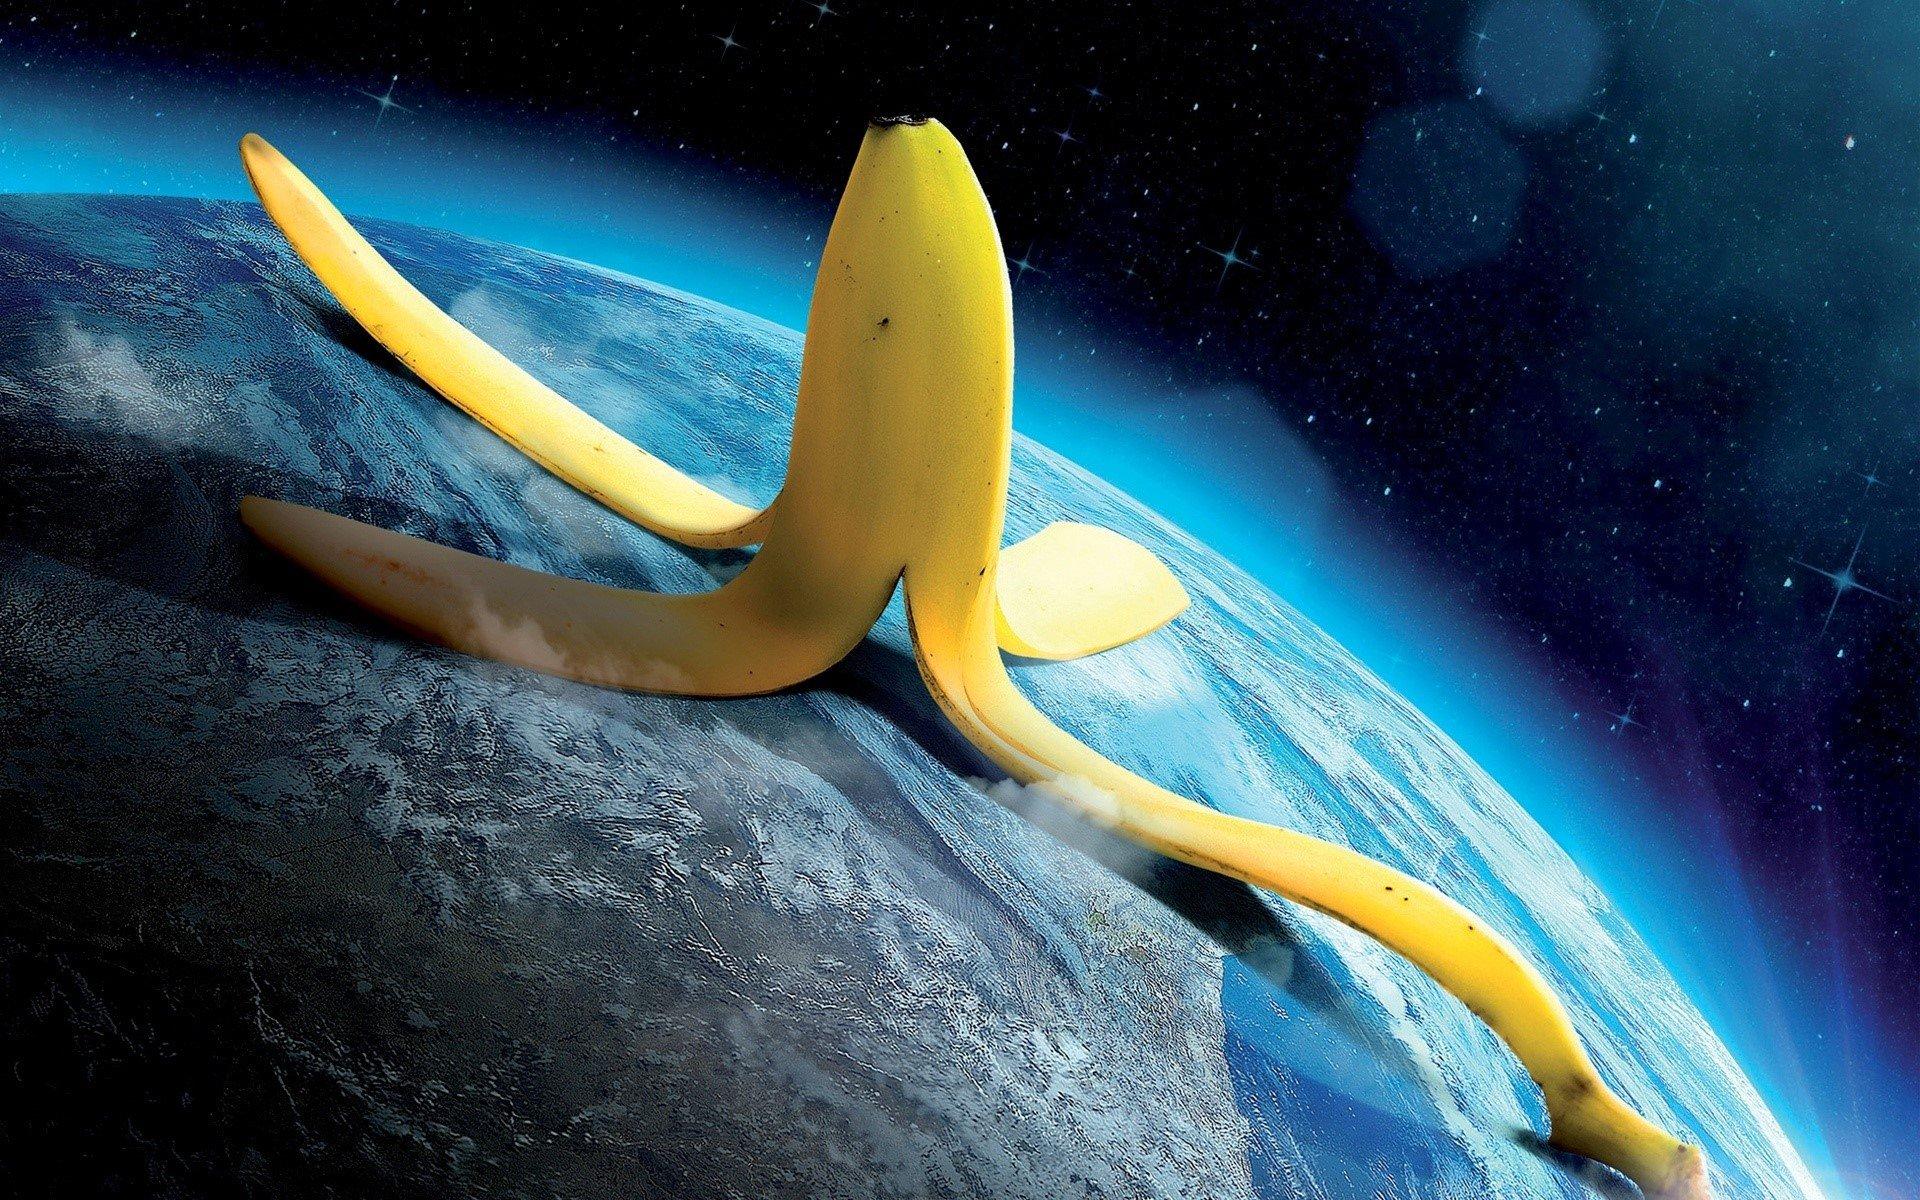 Fondos de pantalla Mundo de Banana